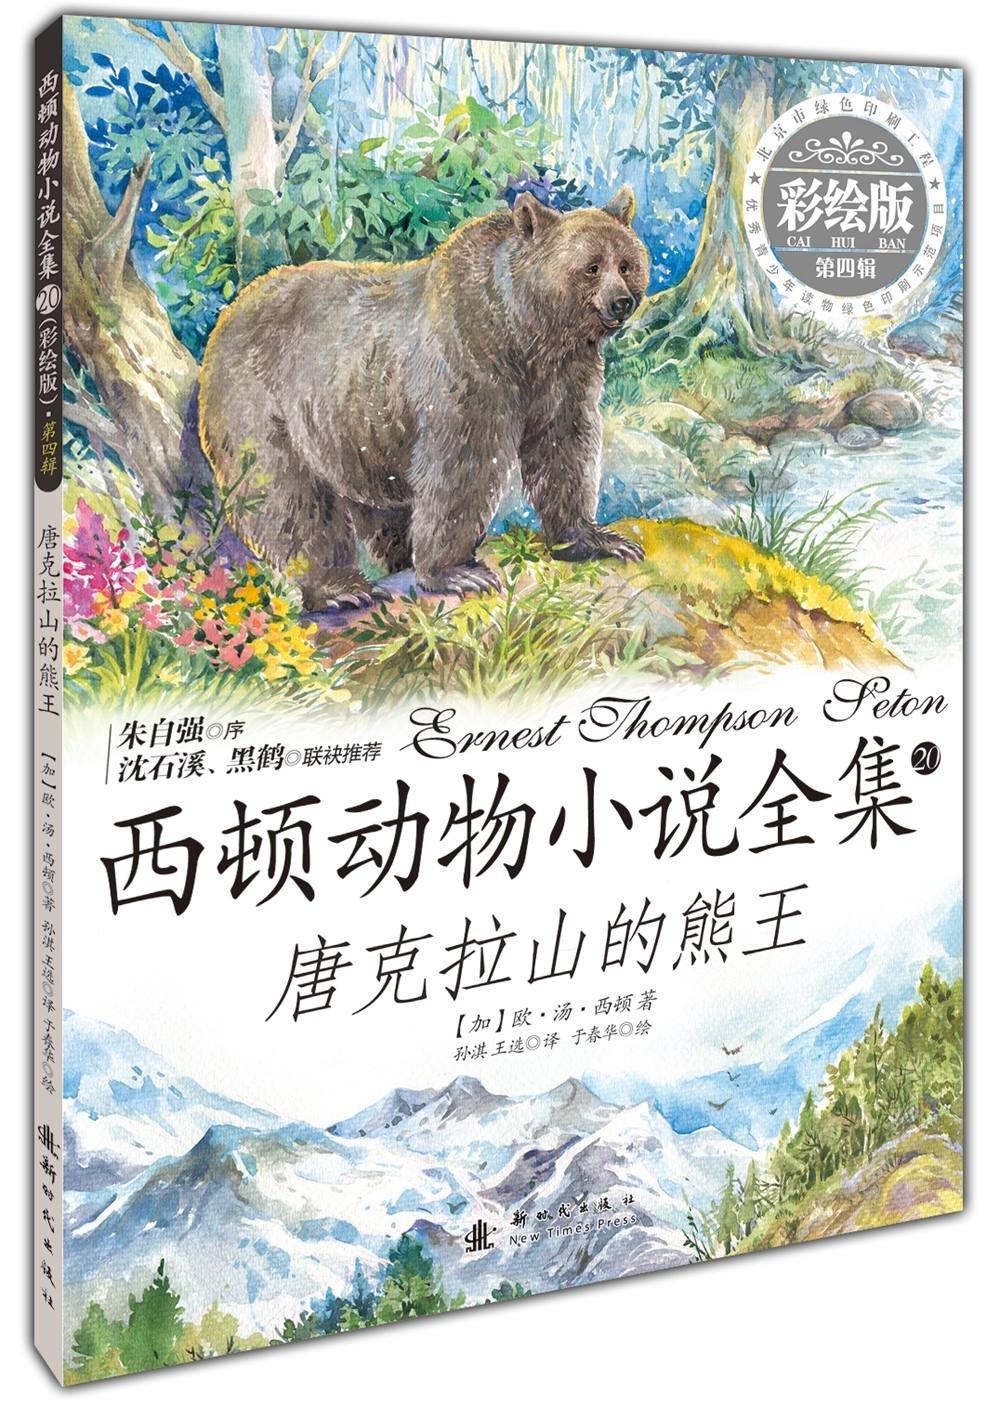 西顿动物小说全集 20.唐克拉山的熊王 (彩绘版)